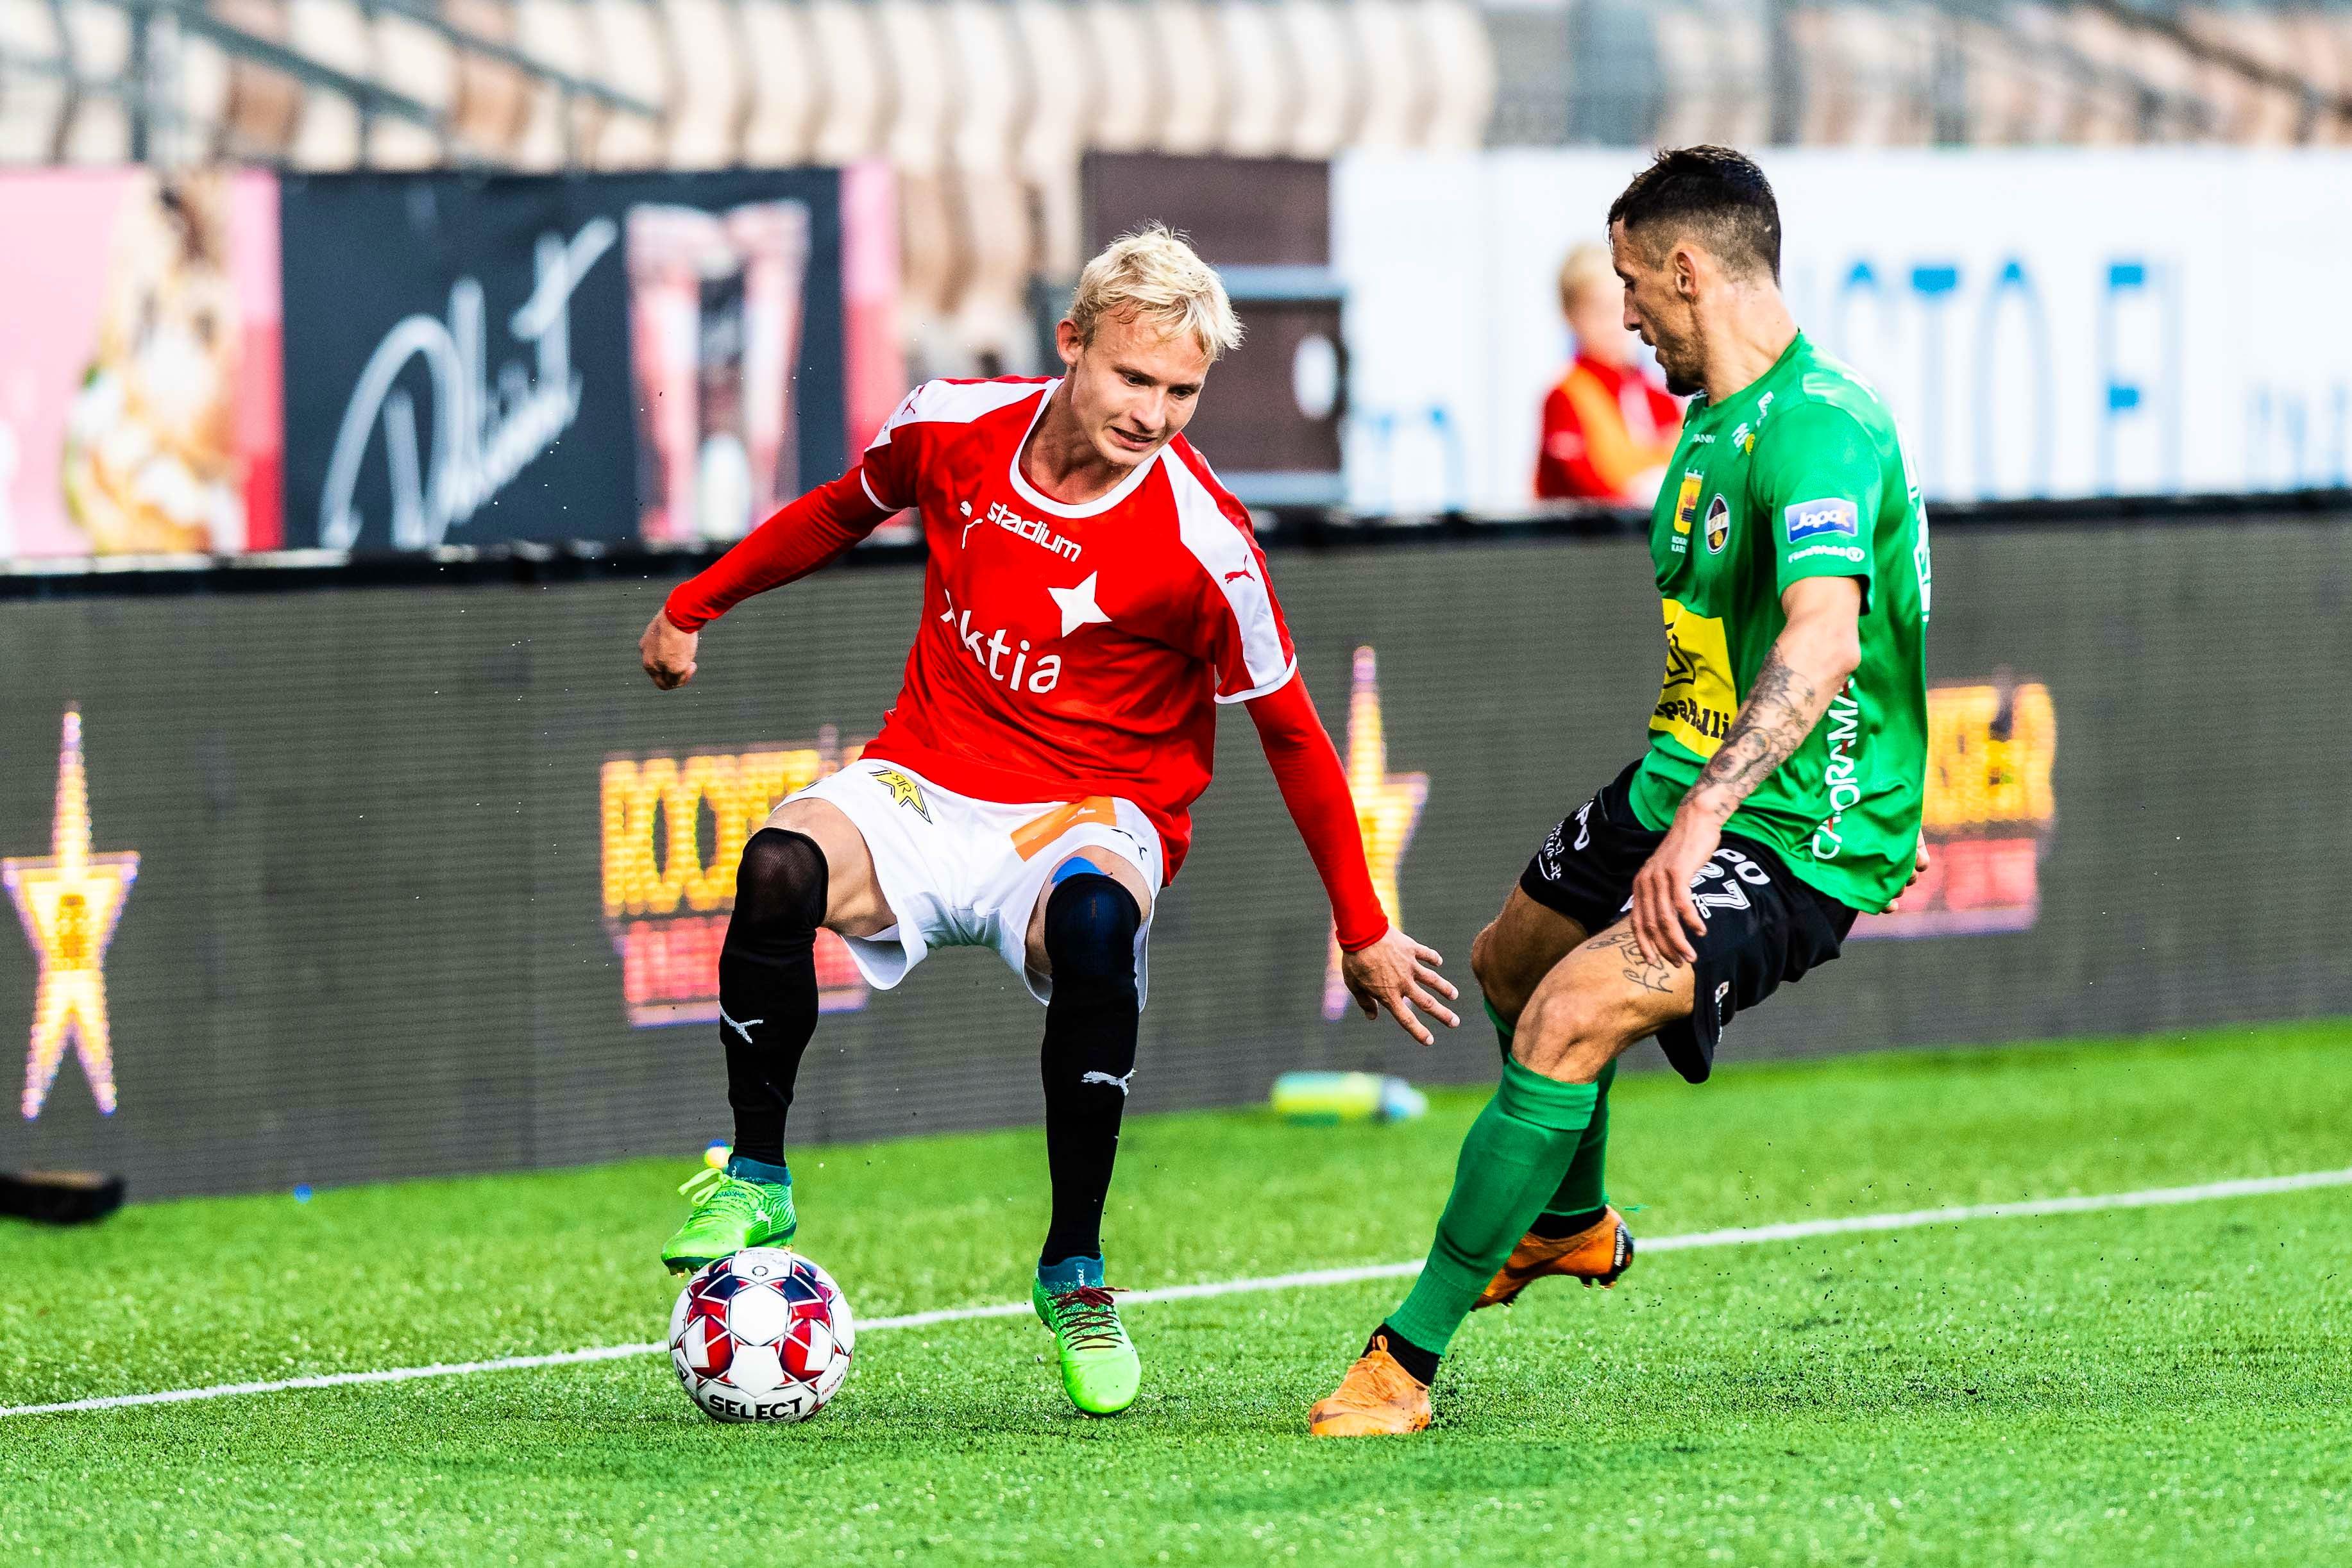 Otteluraportti: HIFK avasi haastajasarjan voitolla